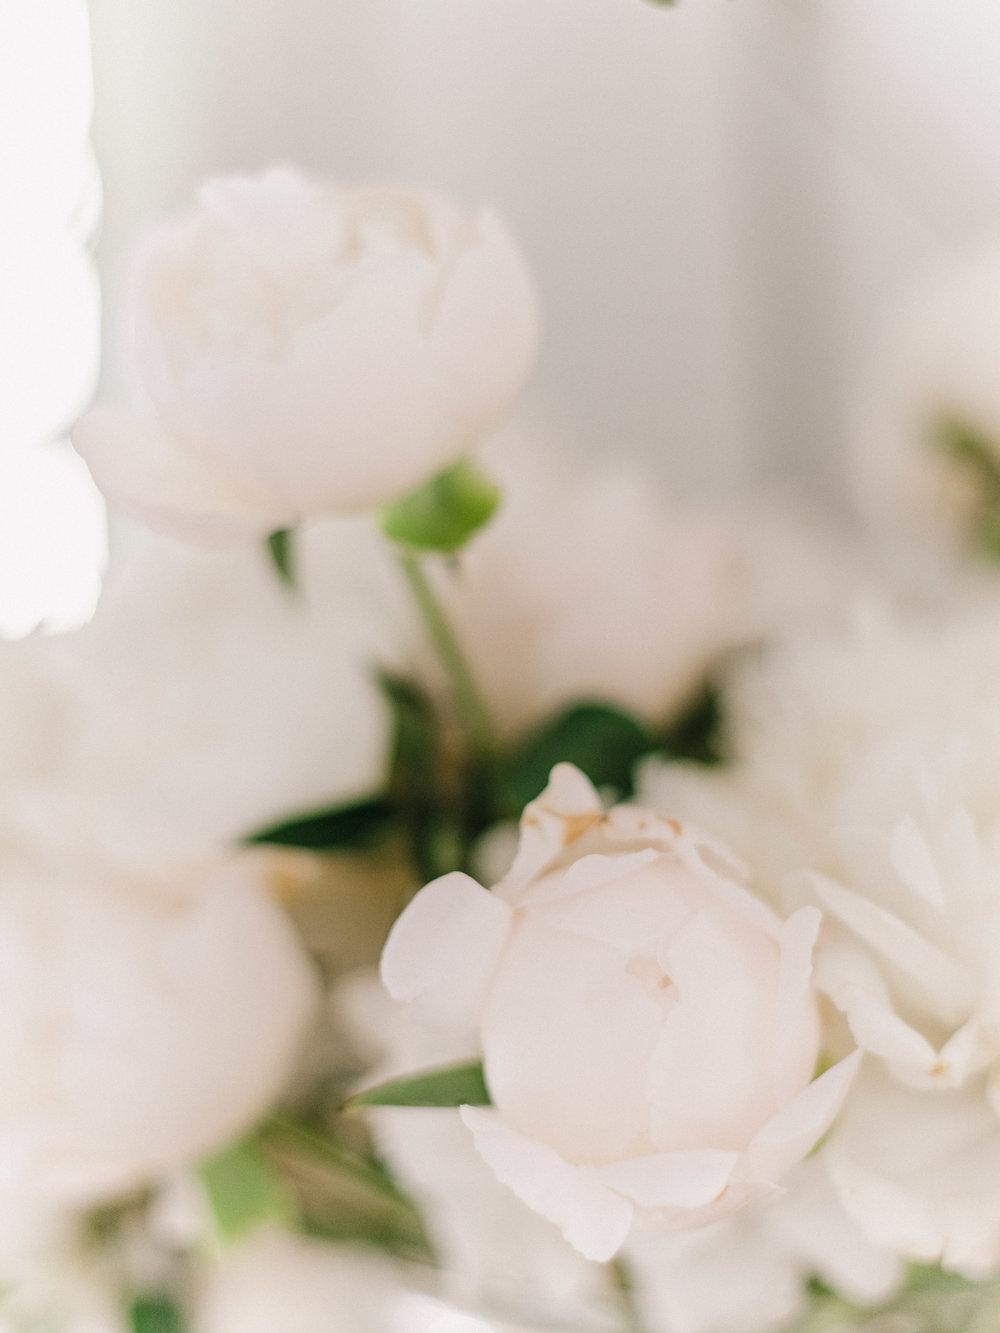 sinclairandmoore-real-wedding-workshop-ryanflynn-00025.jpg